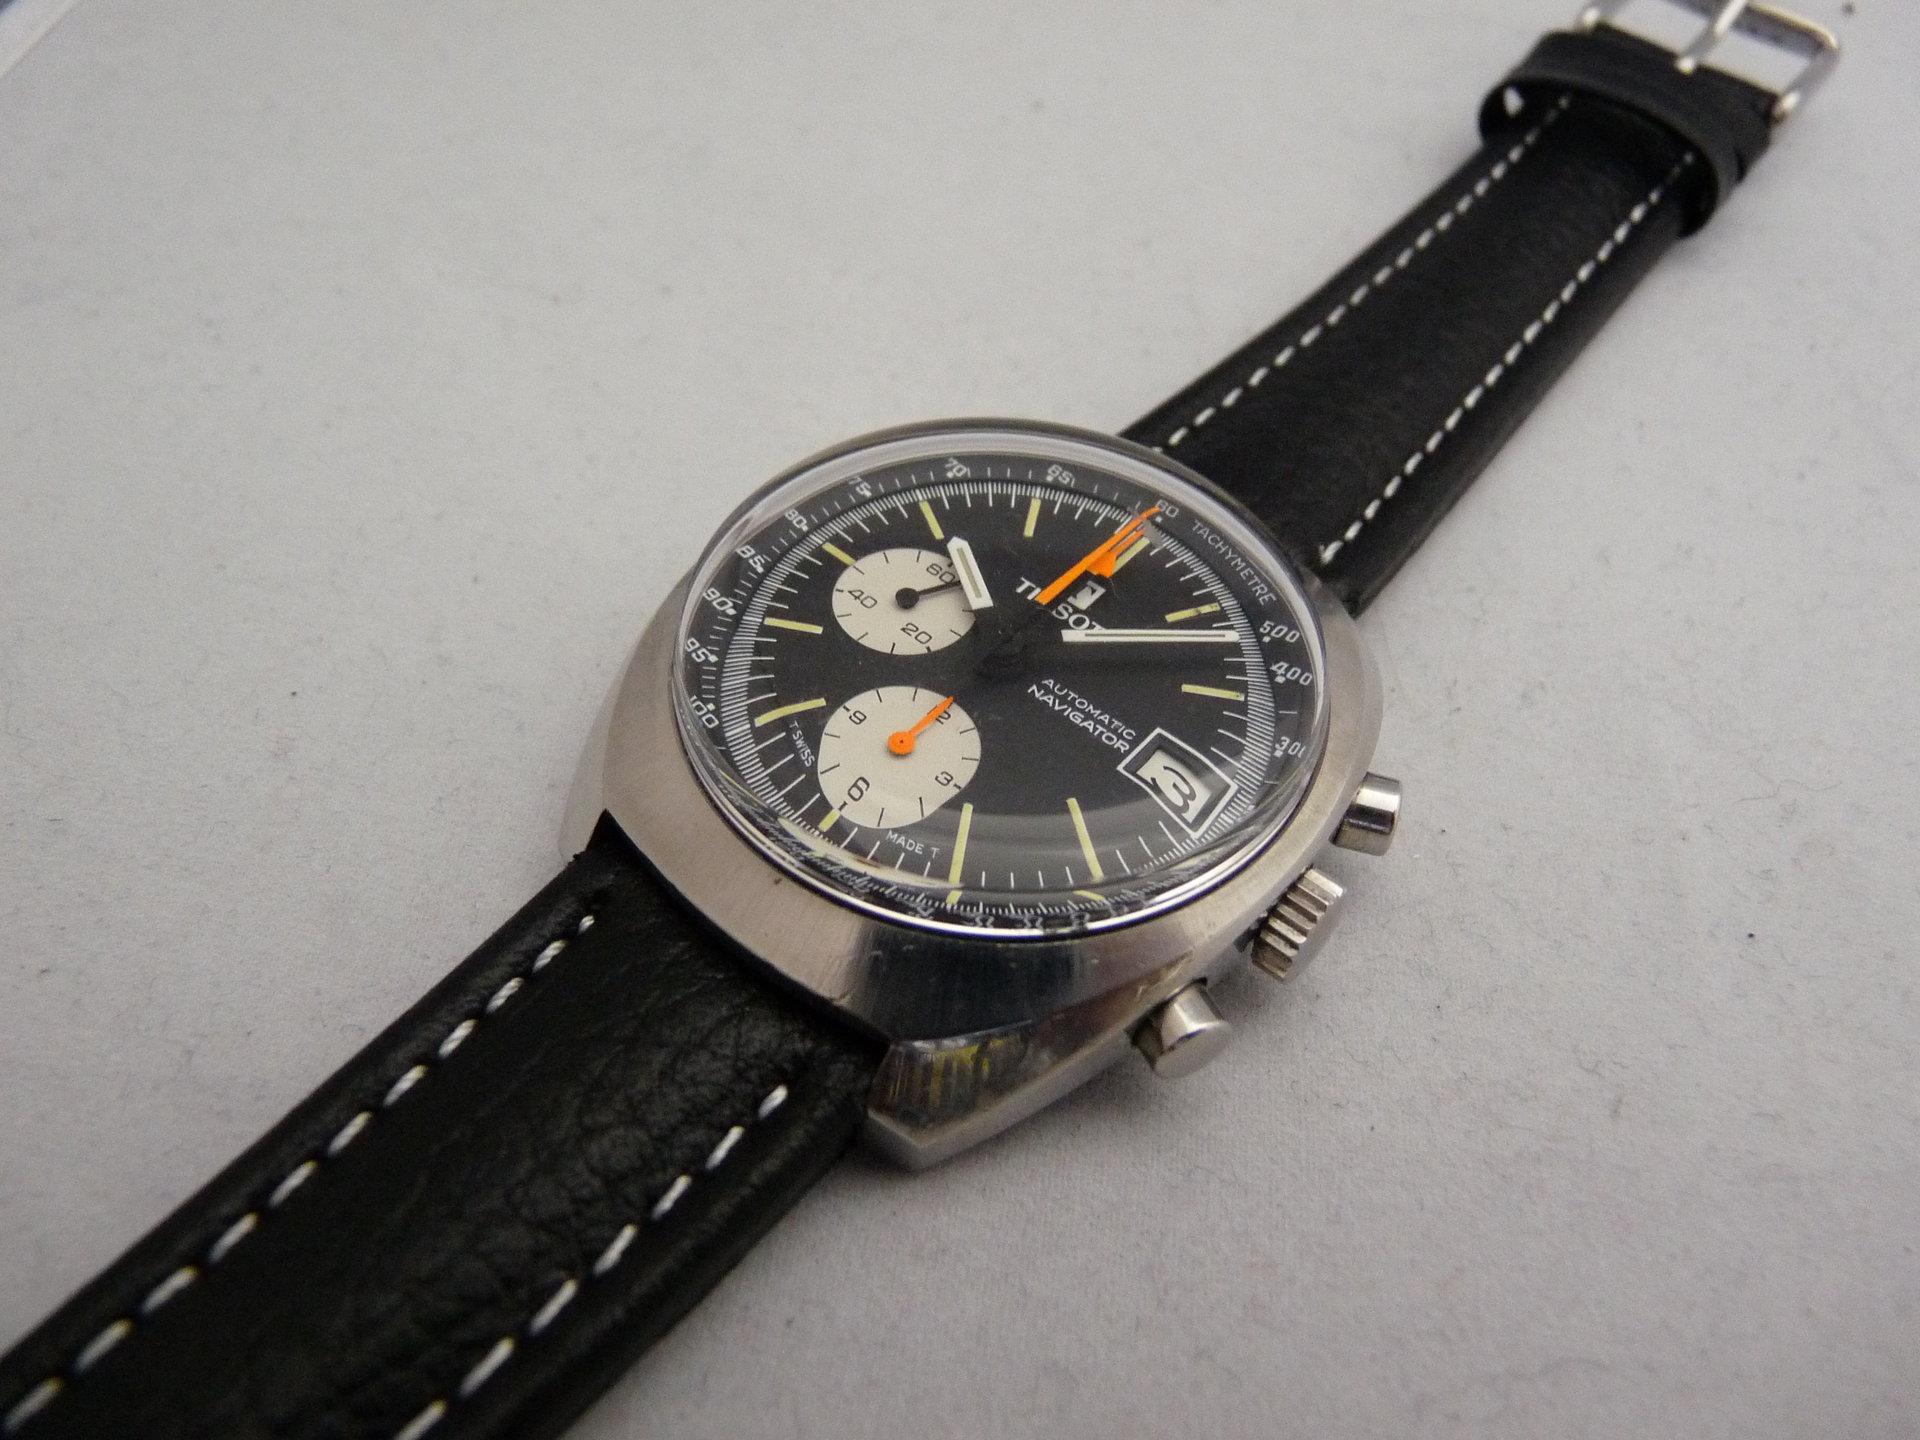 erledigt vintage tissot navigator automatik chronograph lemania 1341 70er jahre uhrforum. Black Bedroom Furniture Sets. Home Design Ideas